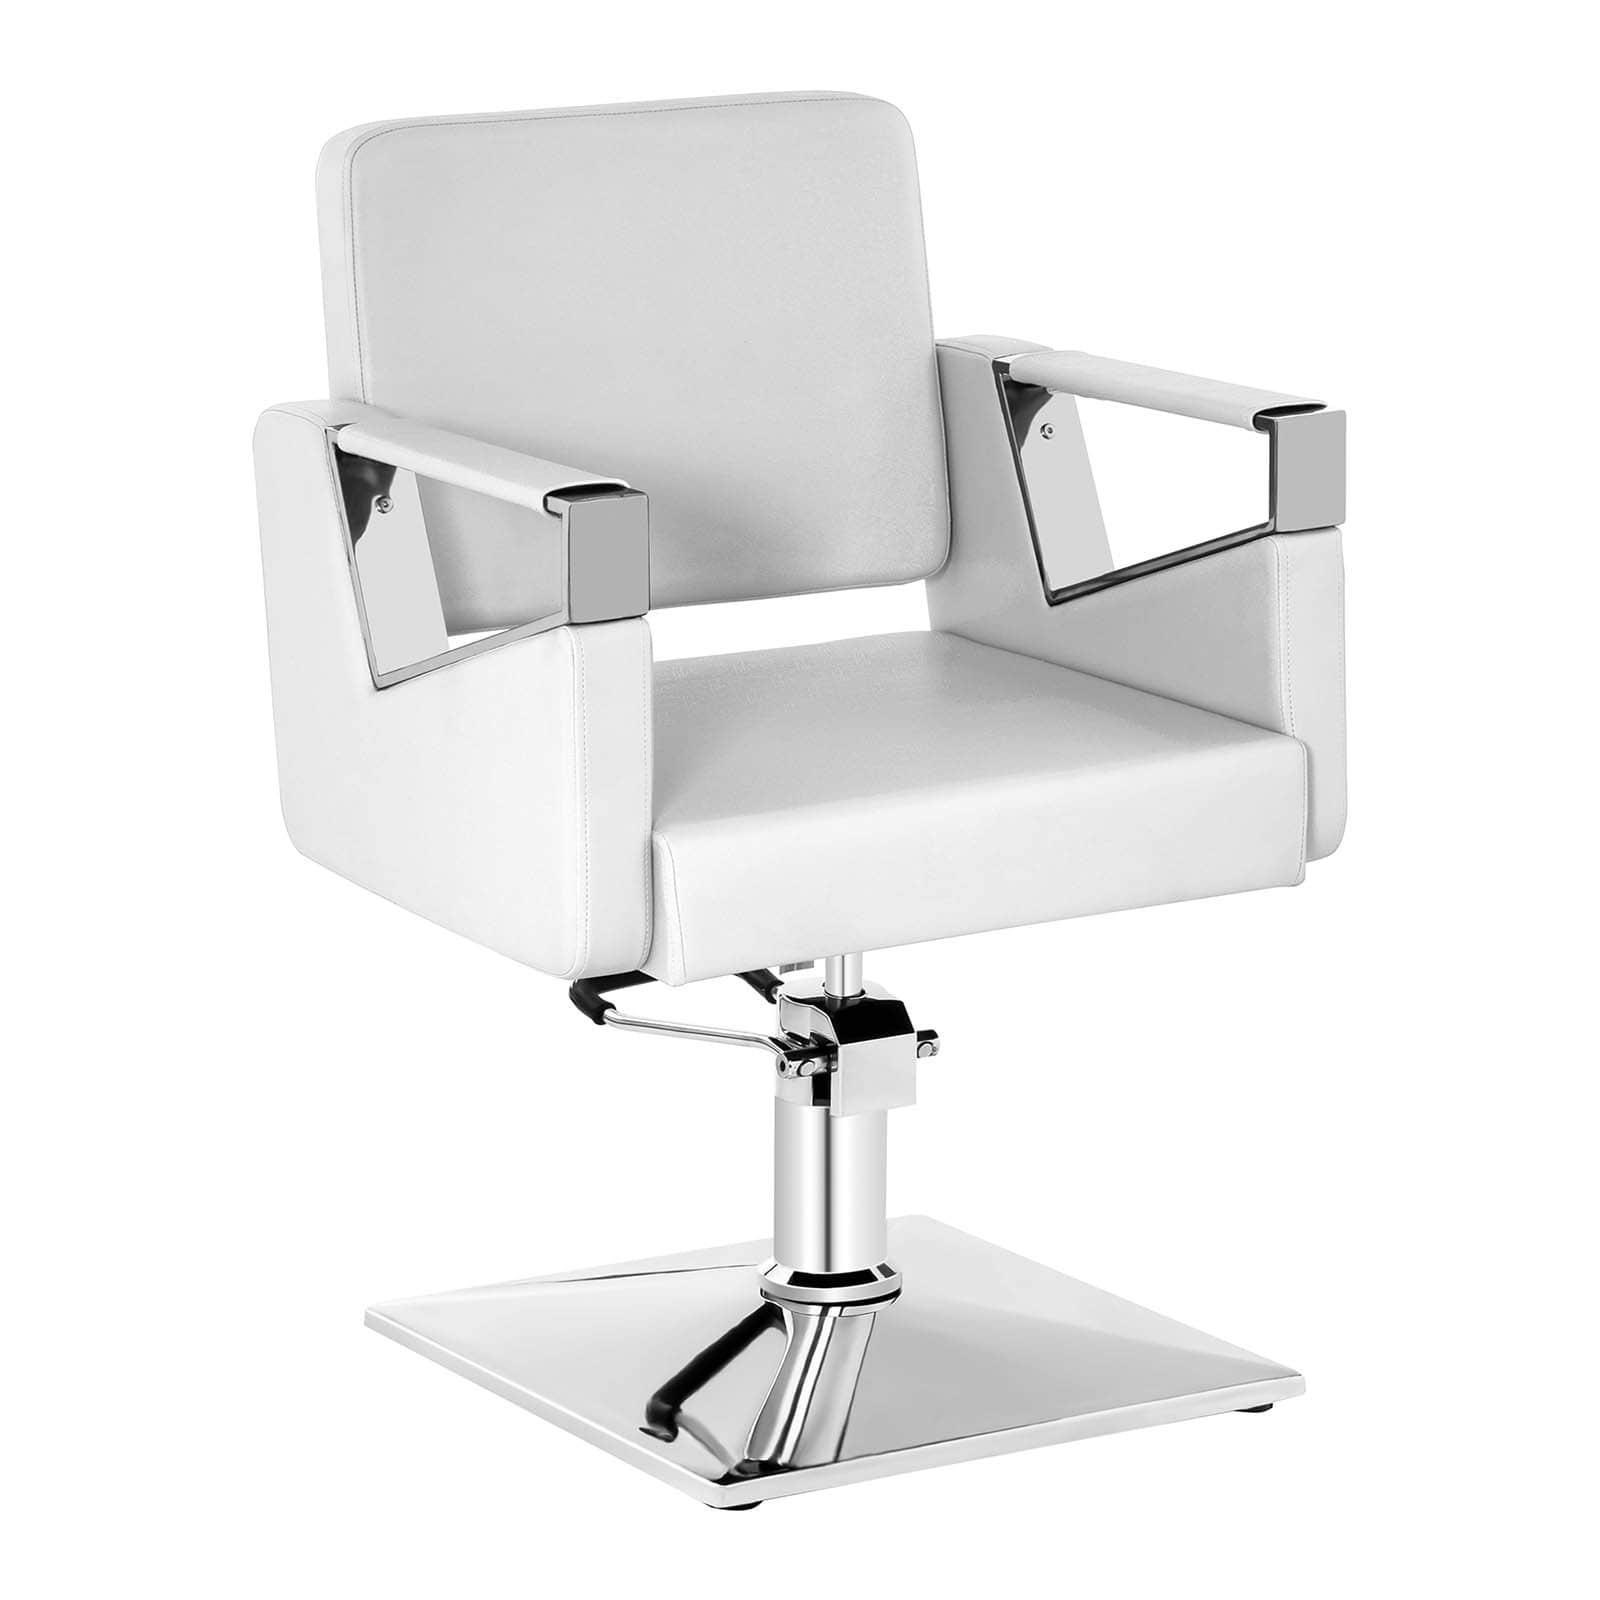 Fotel fryzjerski Physa Bristol biały